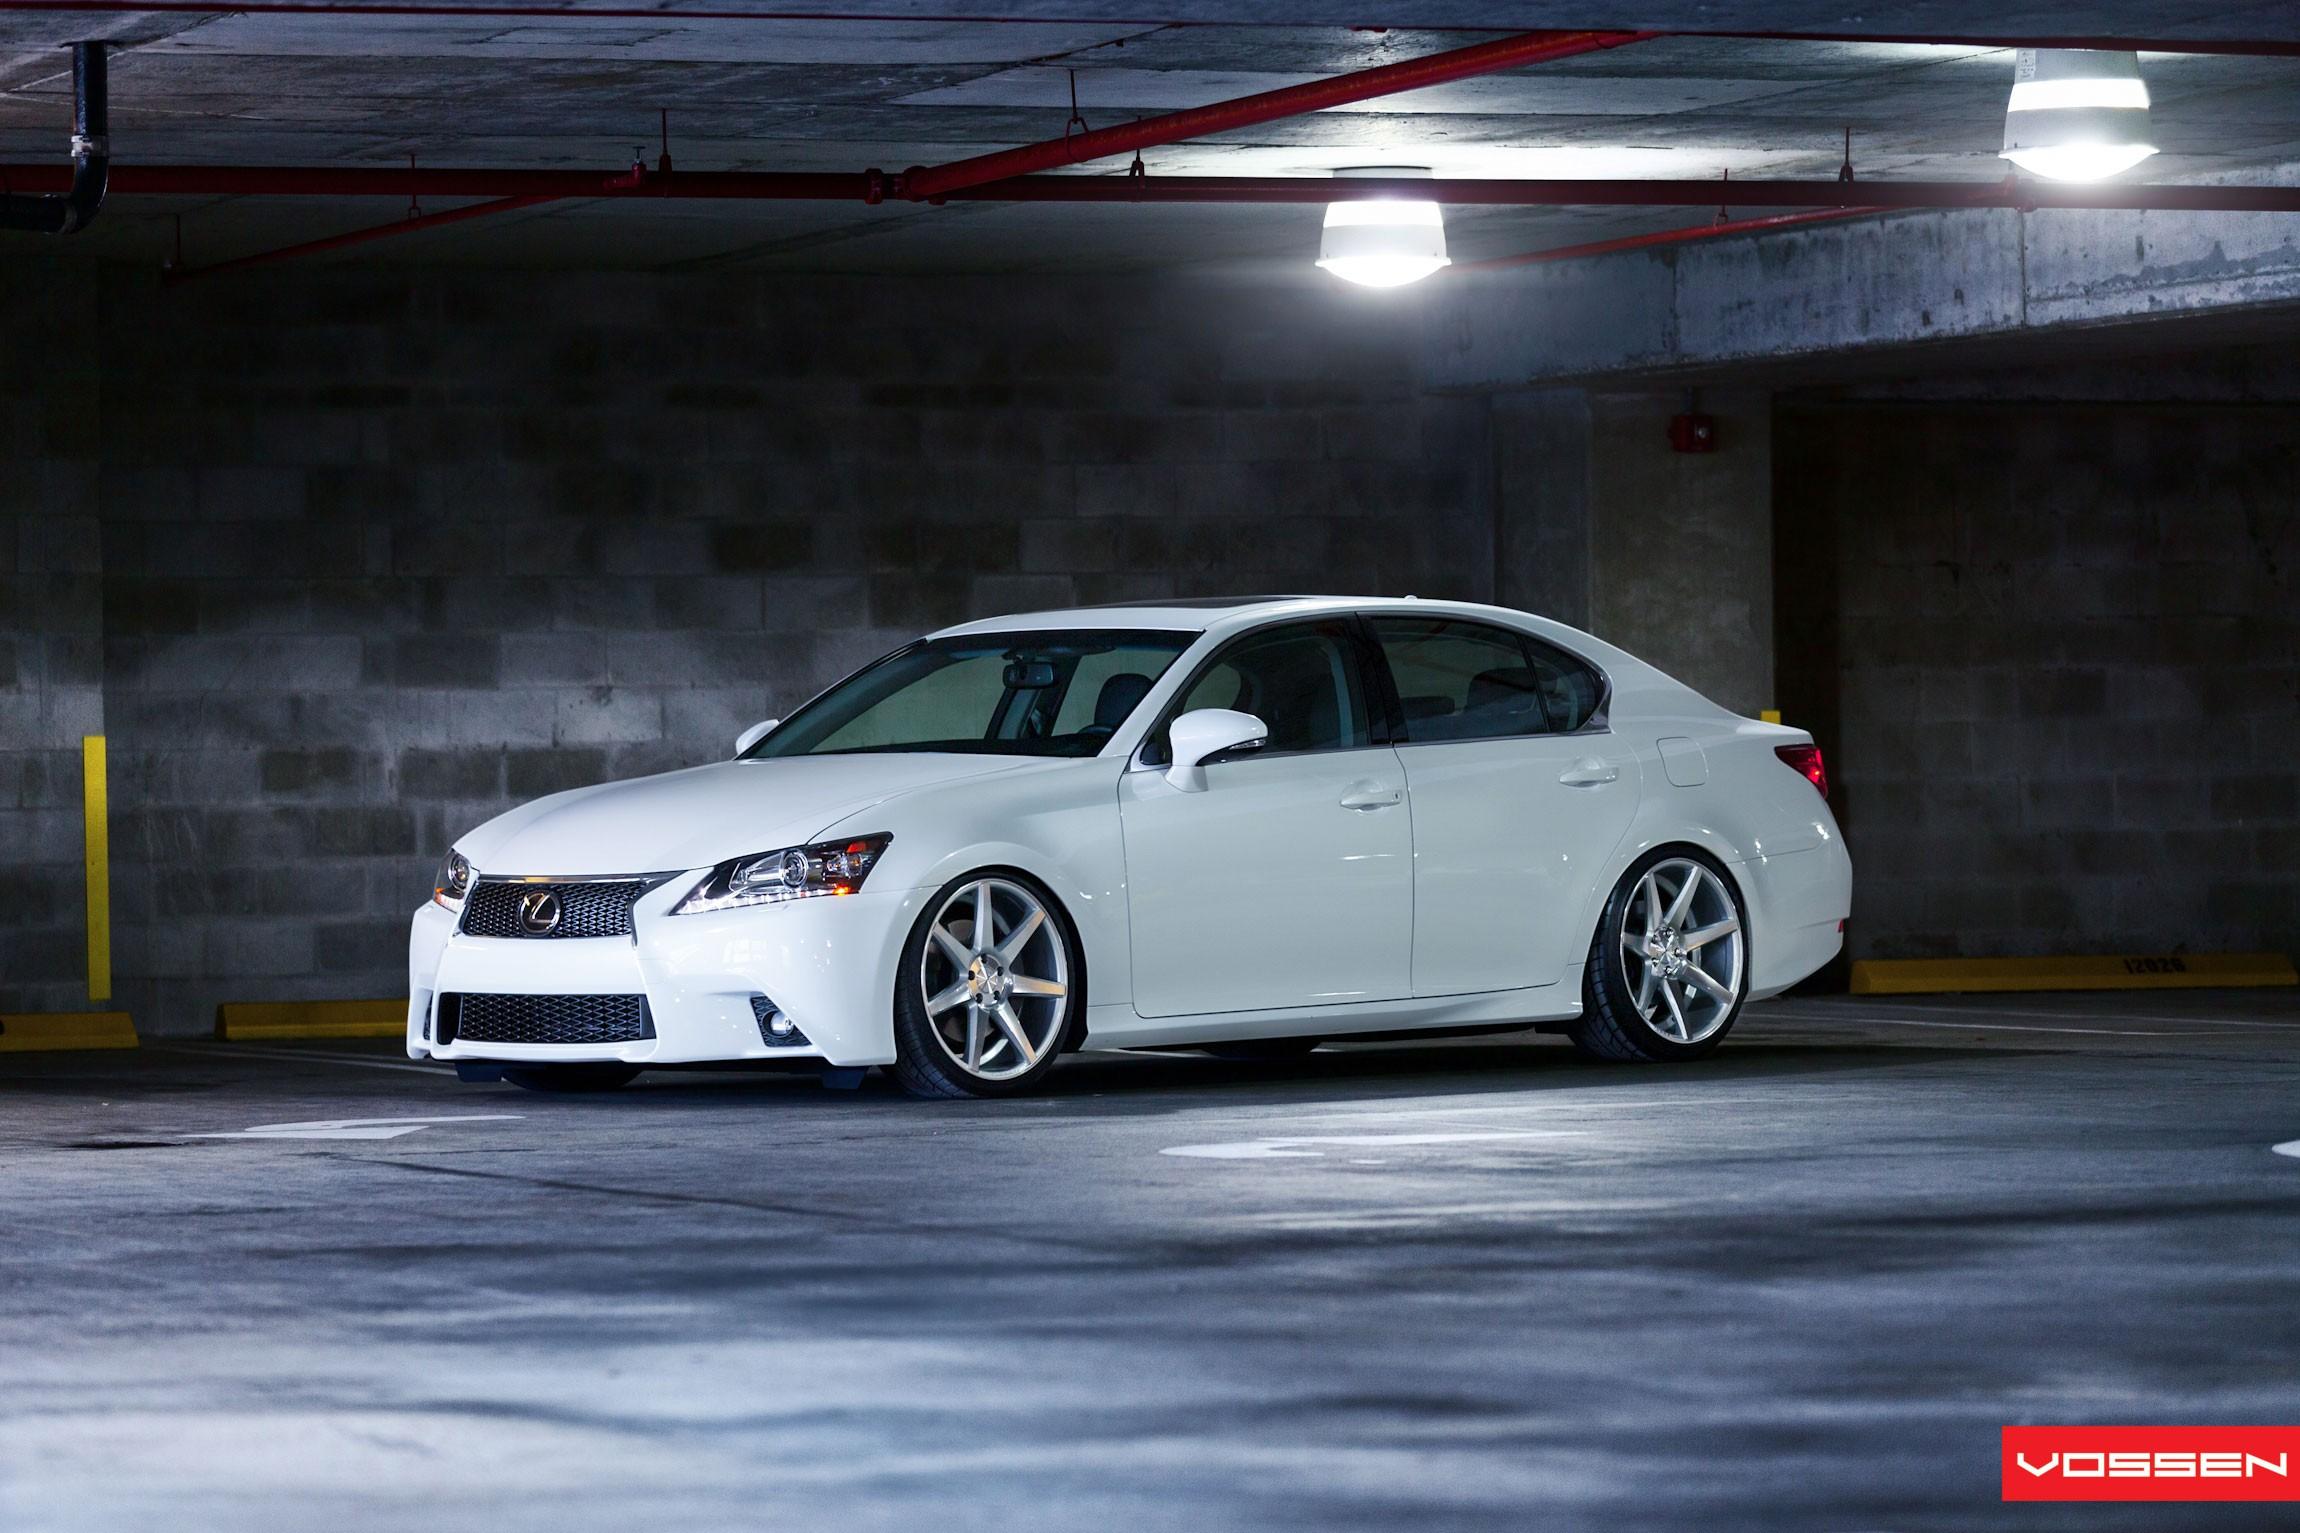 Wallpaper Mobil Sport Putih: Wallpaper : Lexus, Mobil Sport, Mobil Putih, Sedan, Roda